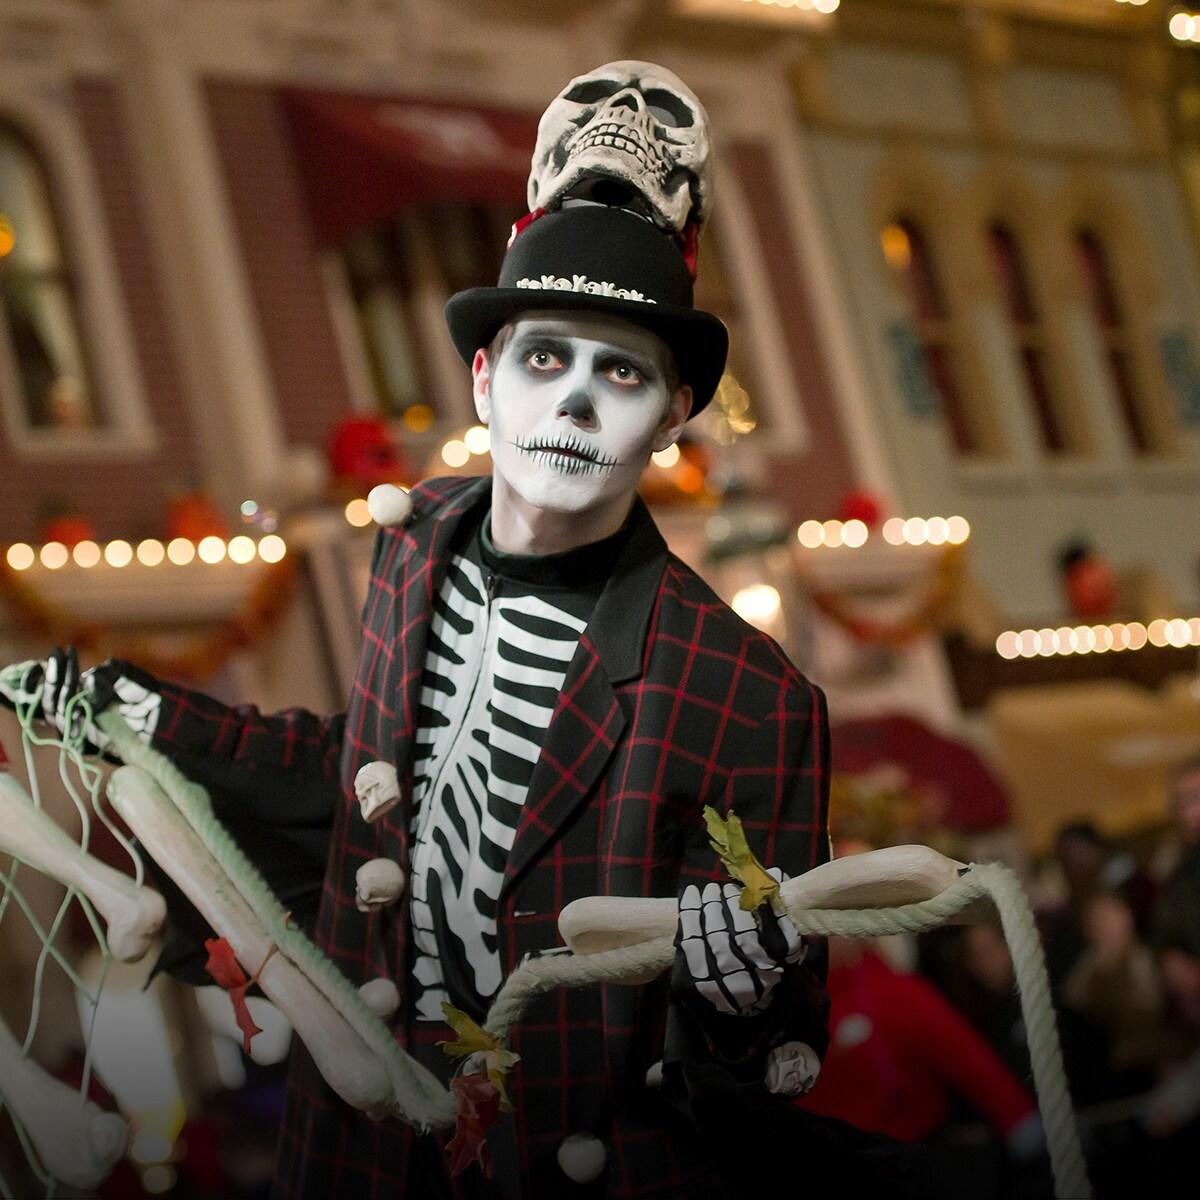 Un homme déguisé en squelette à la soirée Halloween de Disneyland Paris